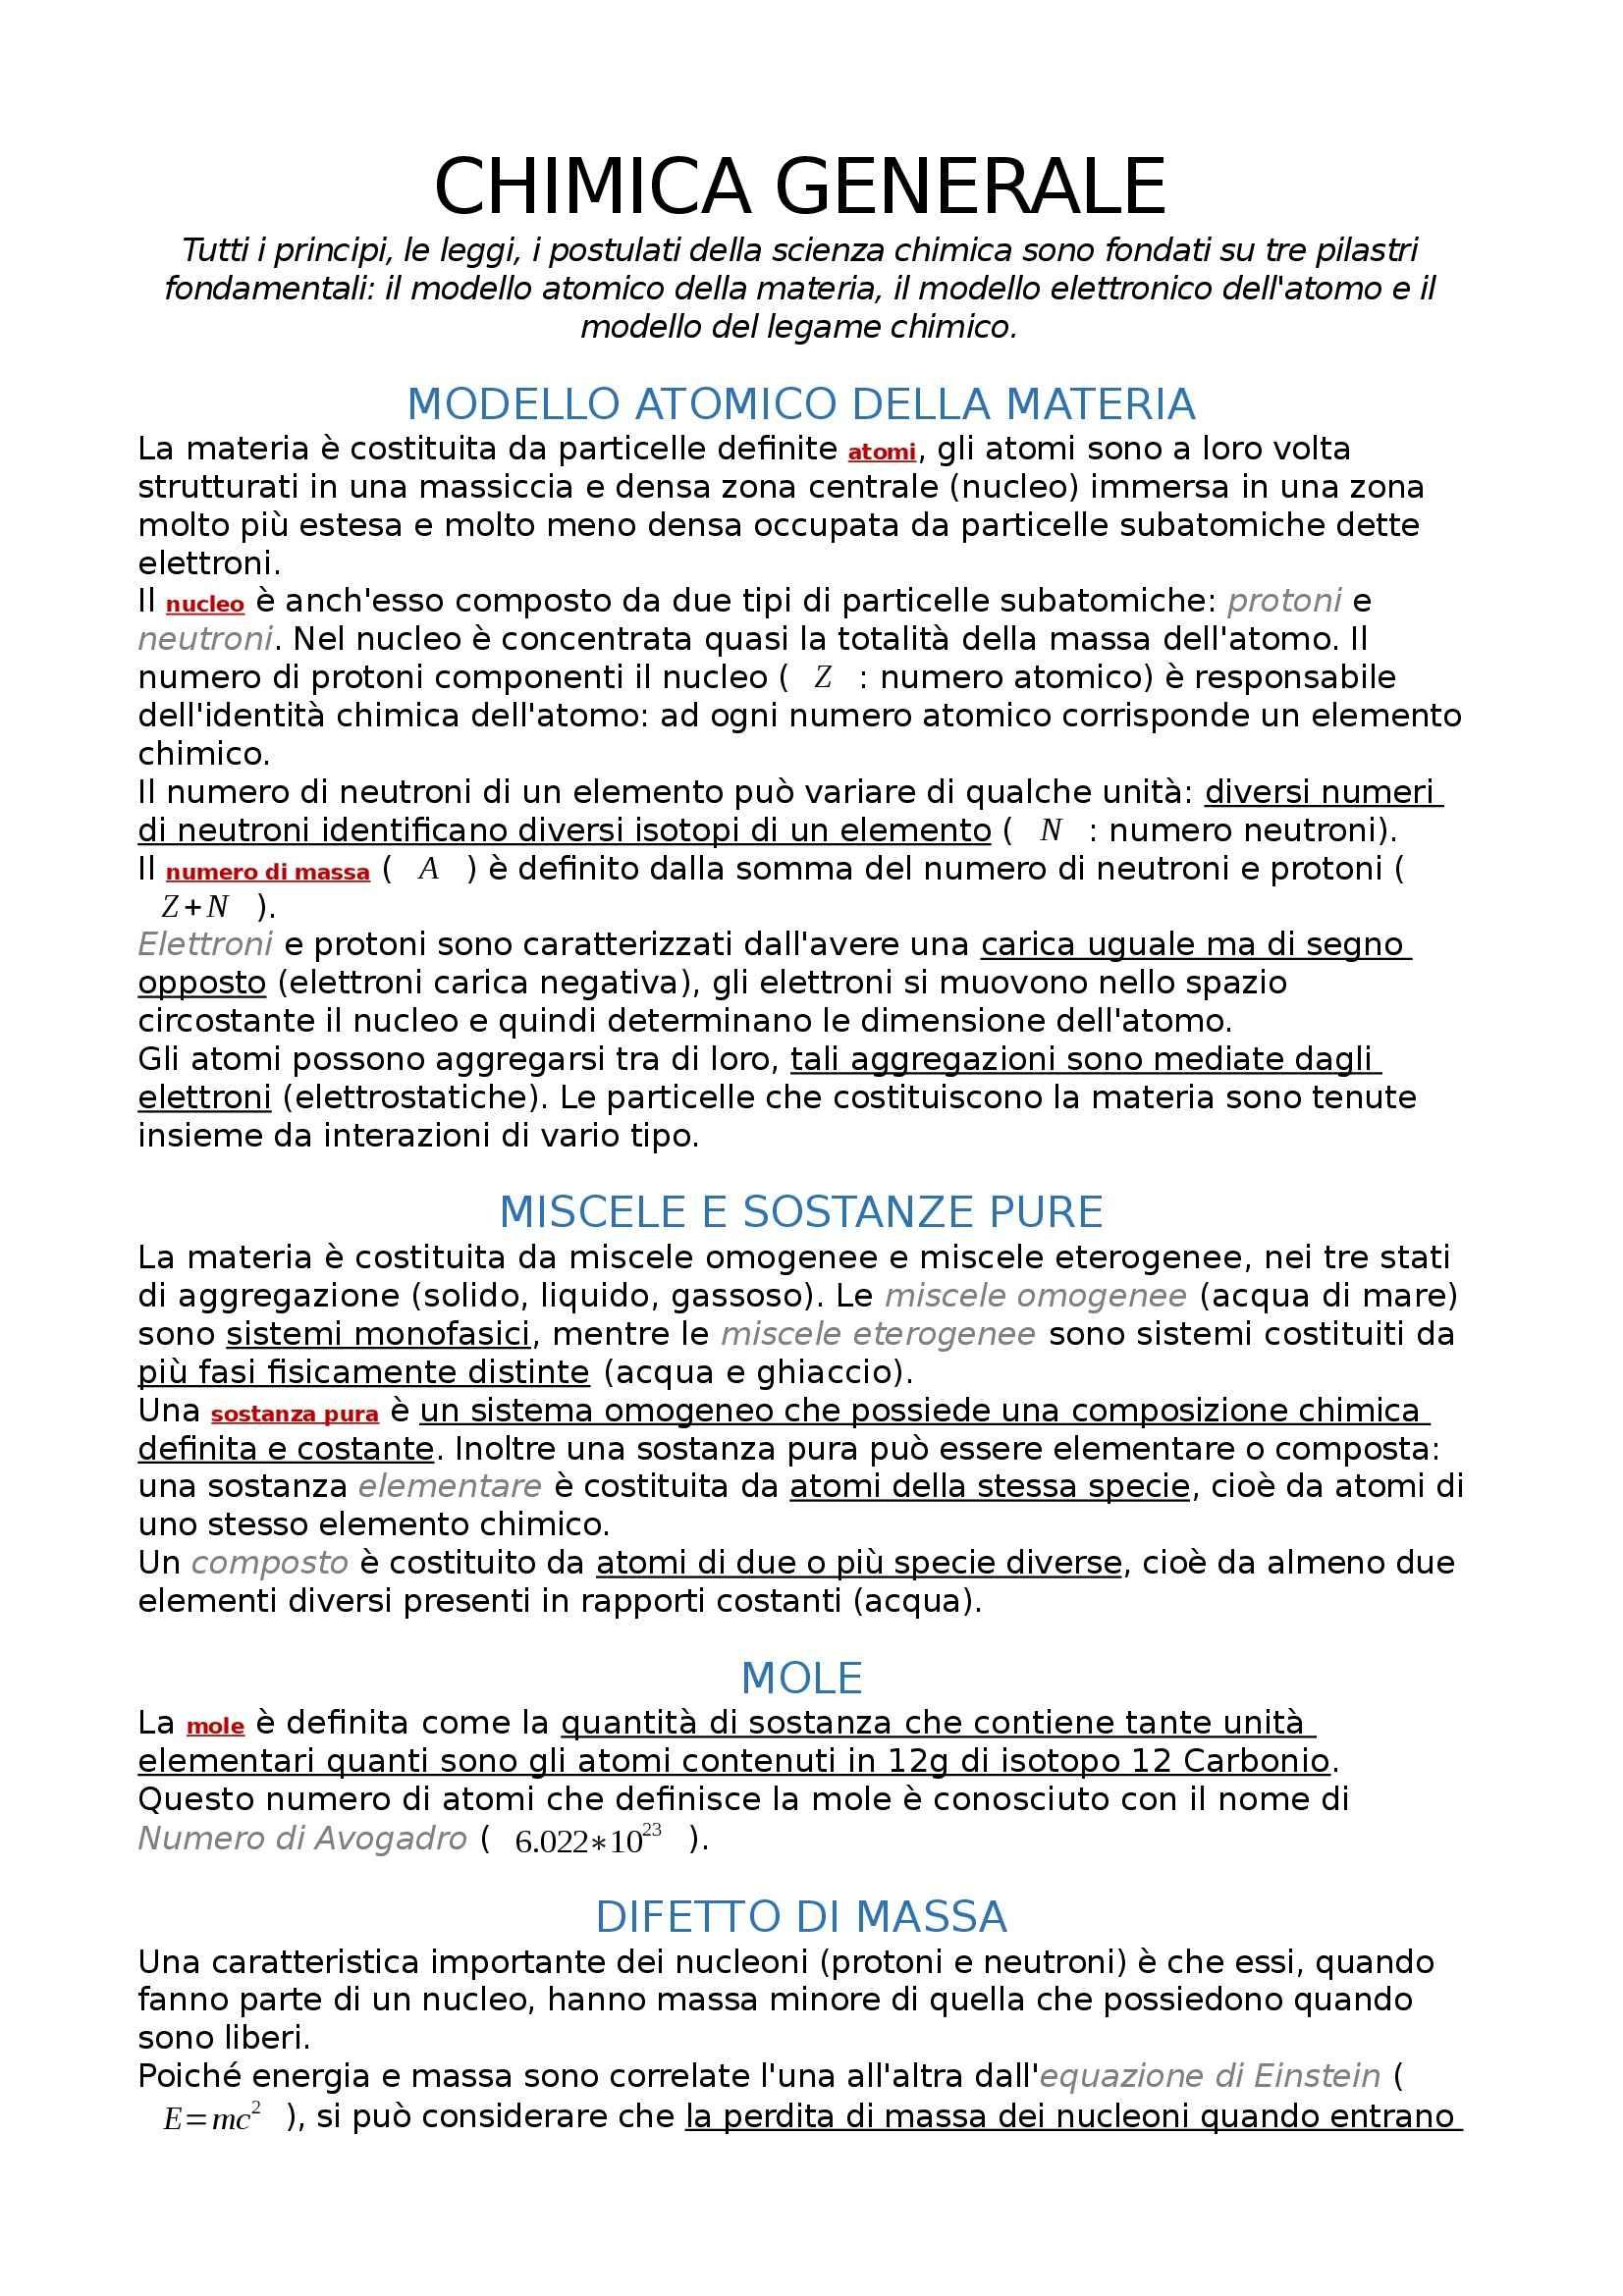 appunto S. Alessandri Chimica generale  e inorganica